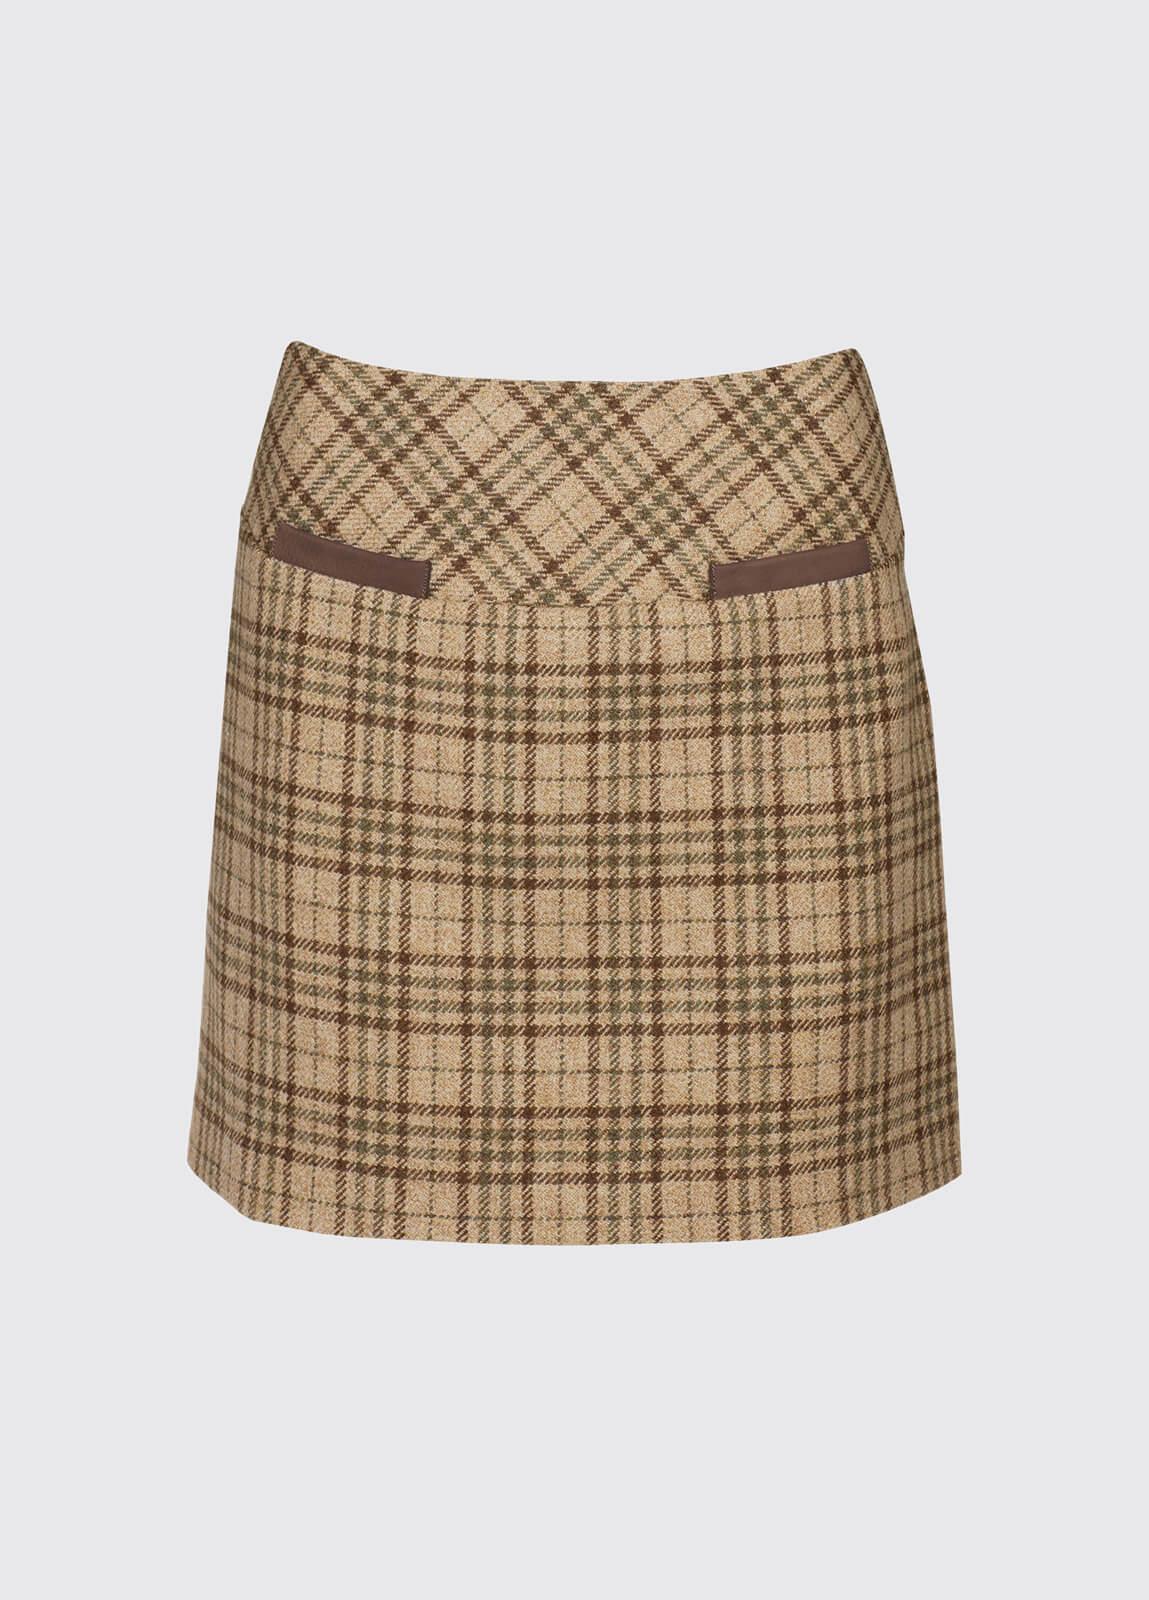 Clover Tweed Mini Skirt - Pebble